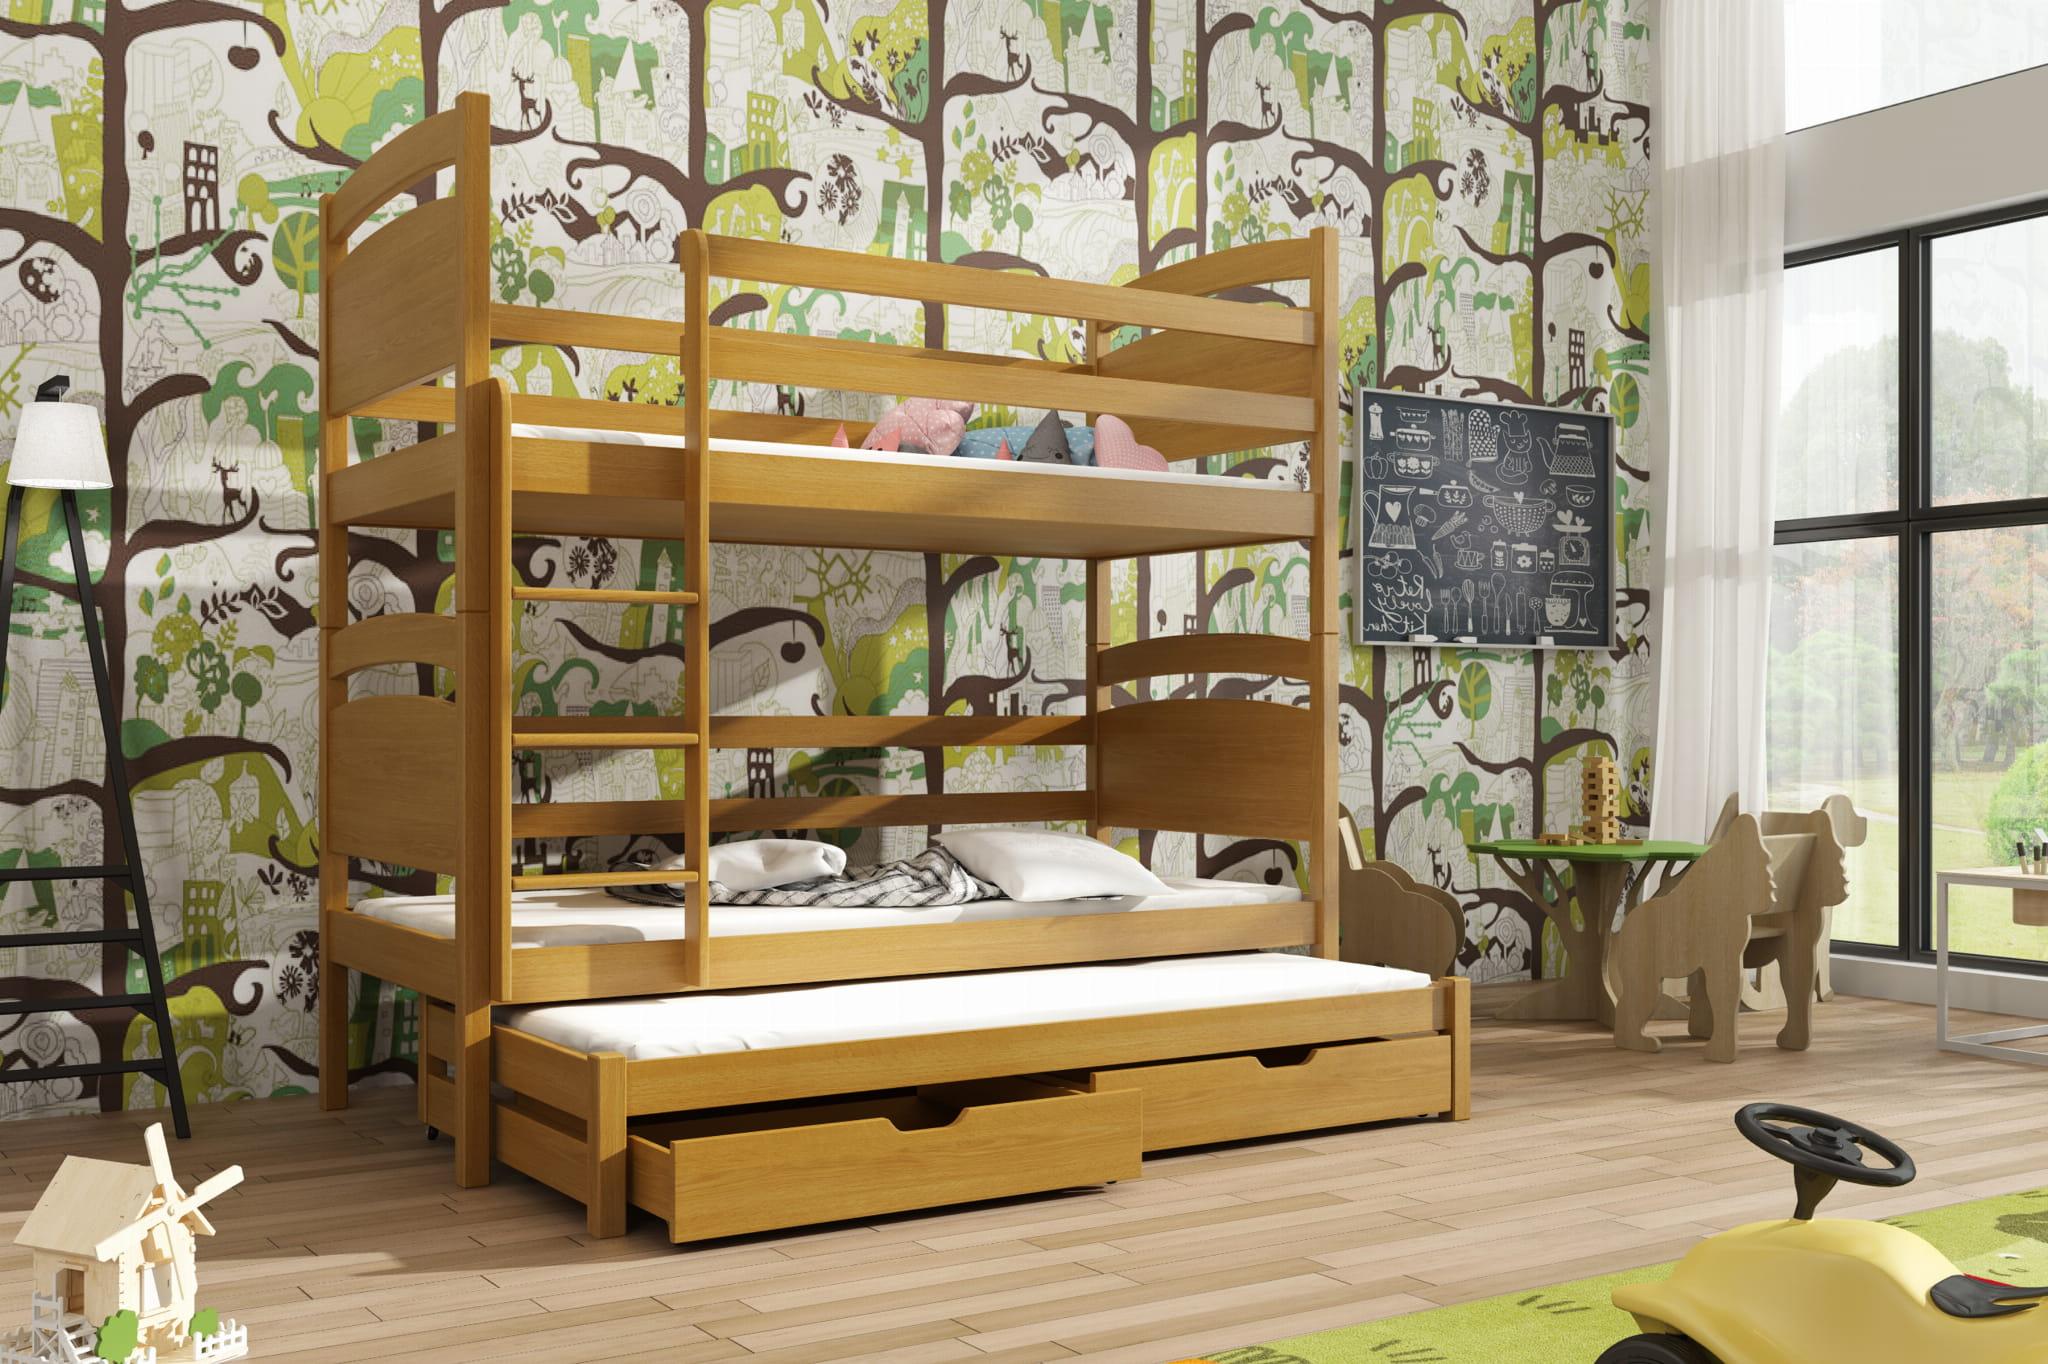 łóżko Piętrowe Trzyosobowe Dyzio Meblegratka